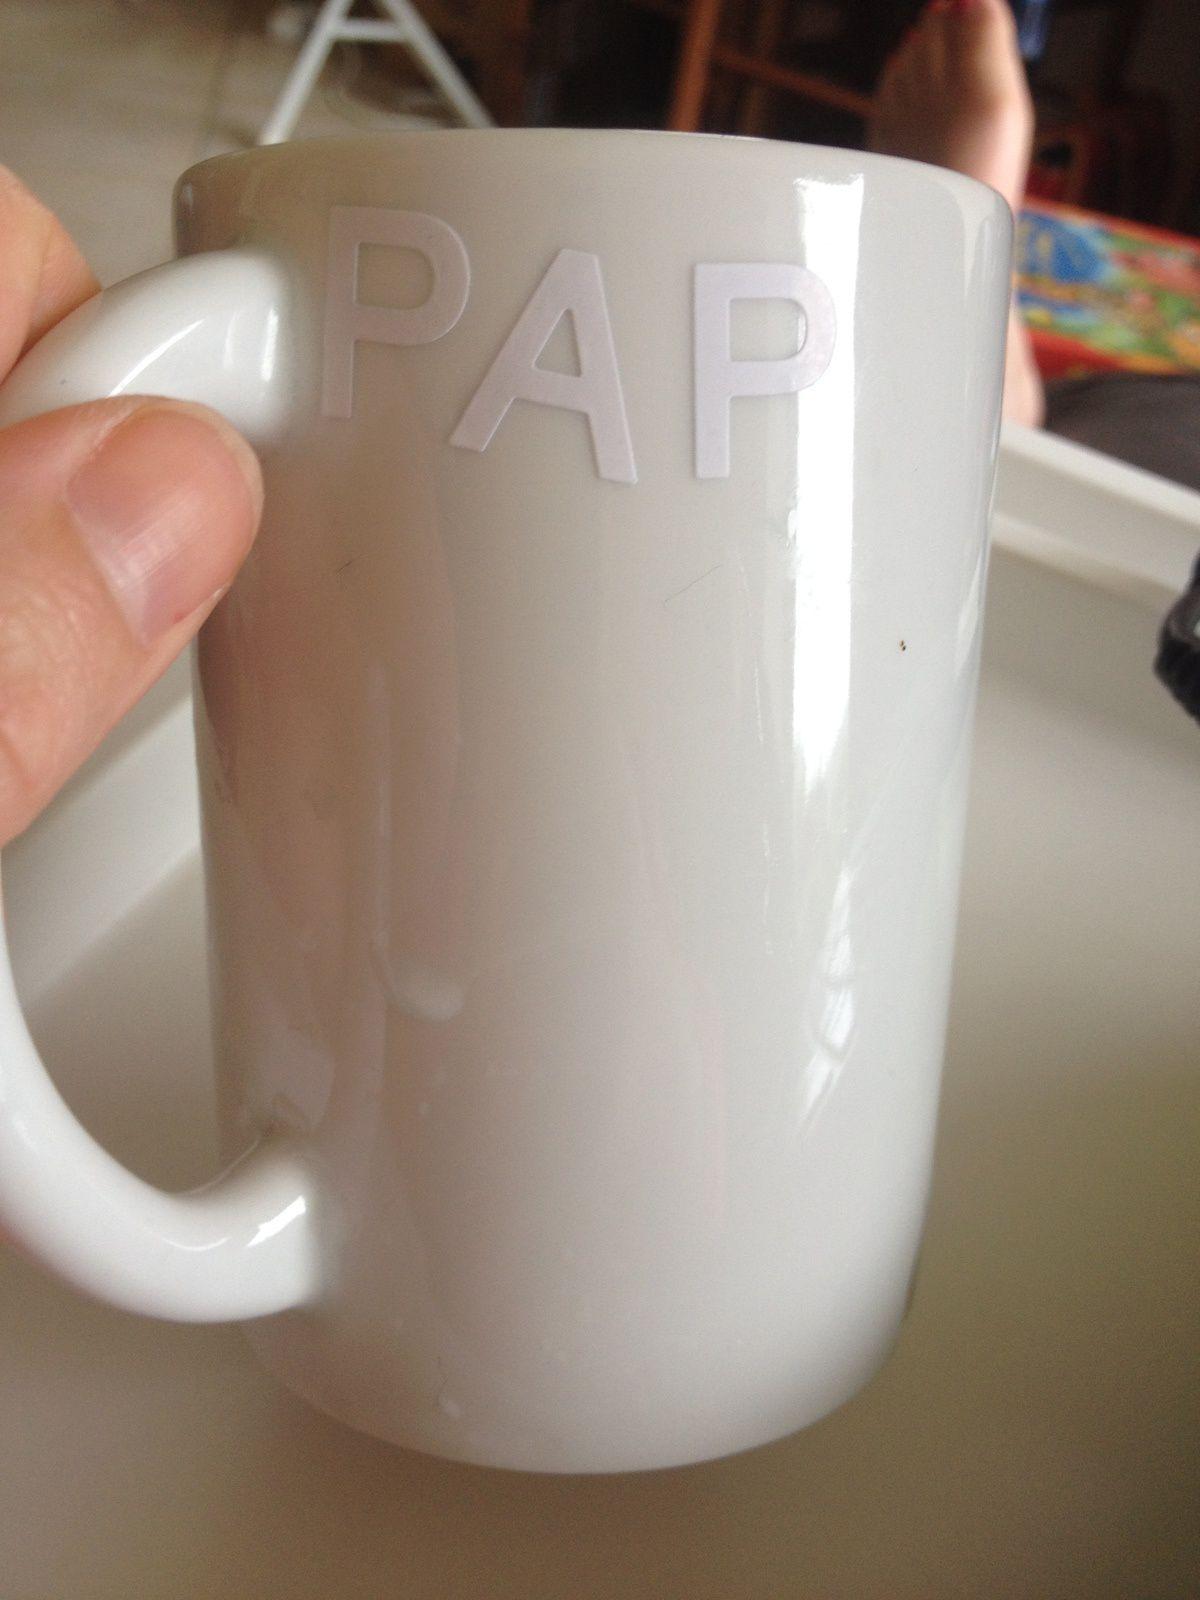 Pour la fête des pères, un classique et simple  :    La tasse décorée par les enfants.  Matériel :  tasse porcelaine blanche  crayons feutres marqueurs  autocollants